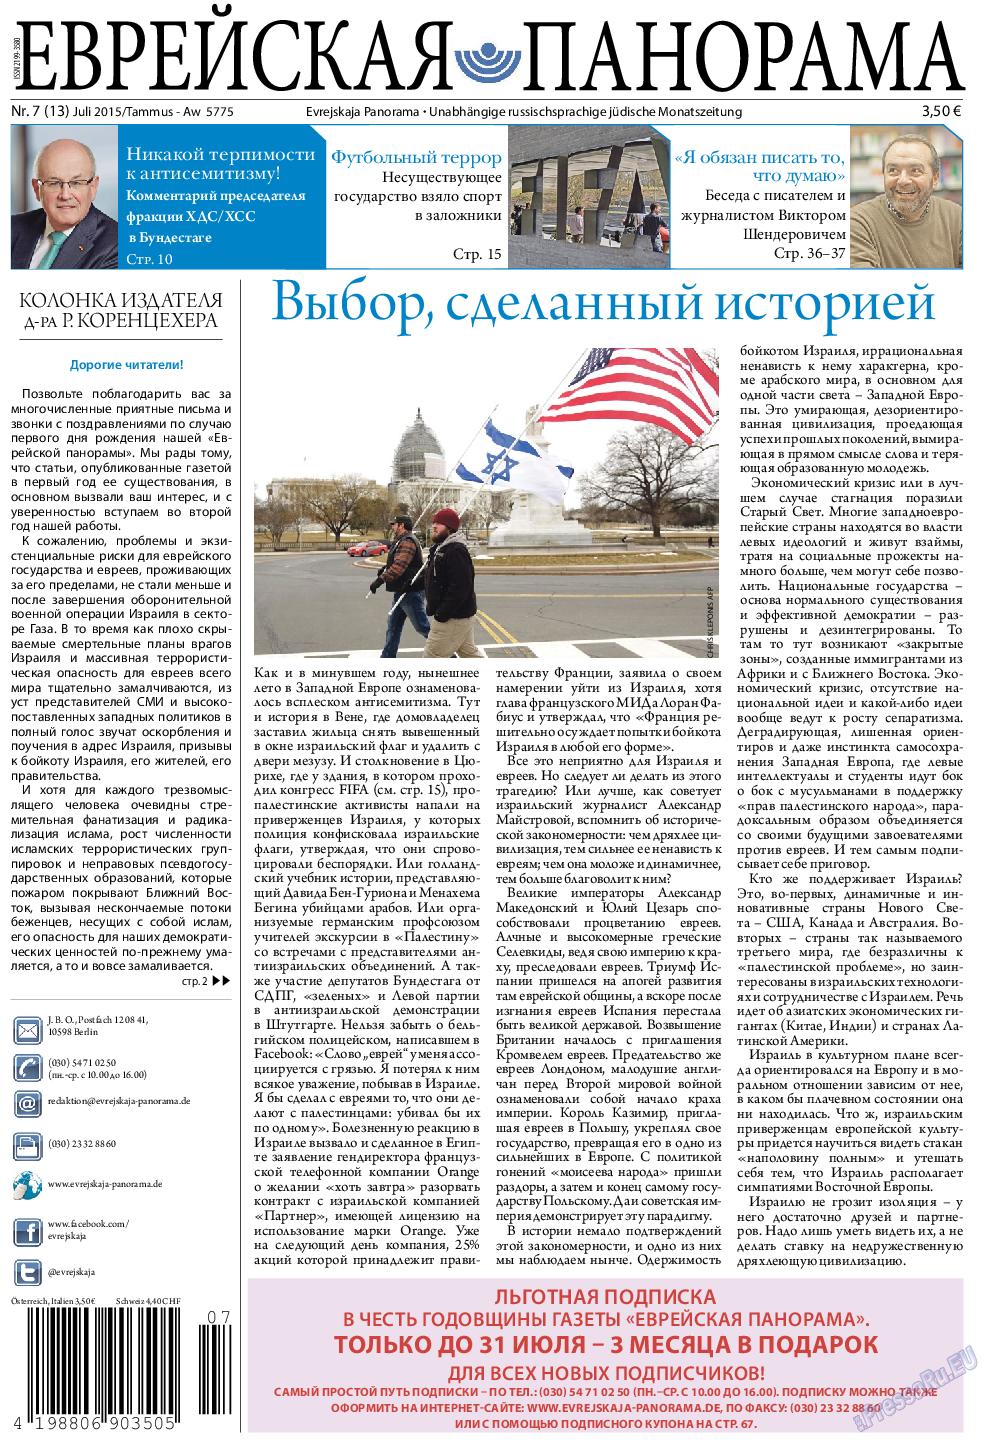 Еврейская панорама (газета). 2015 год, номер 7, стр. 1